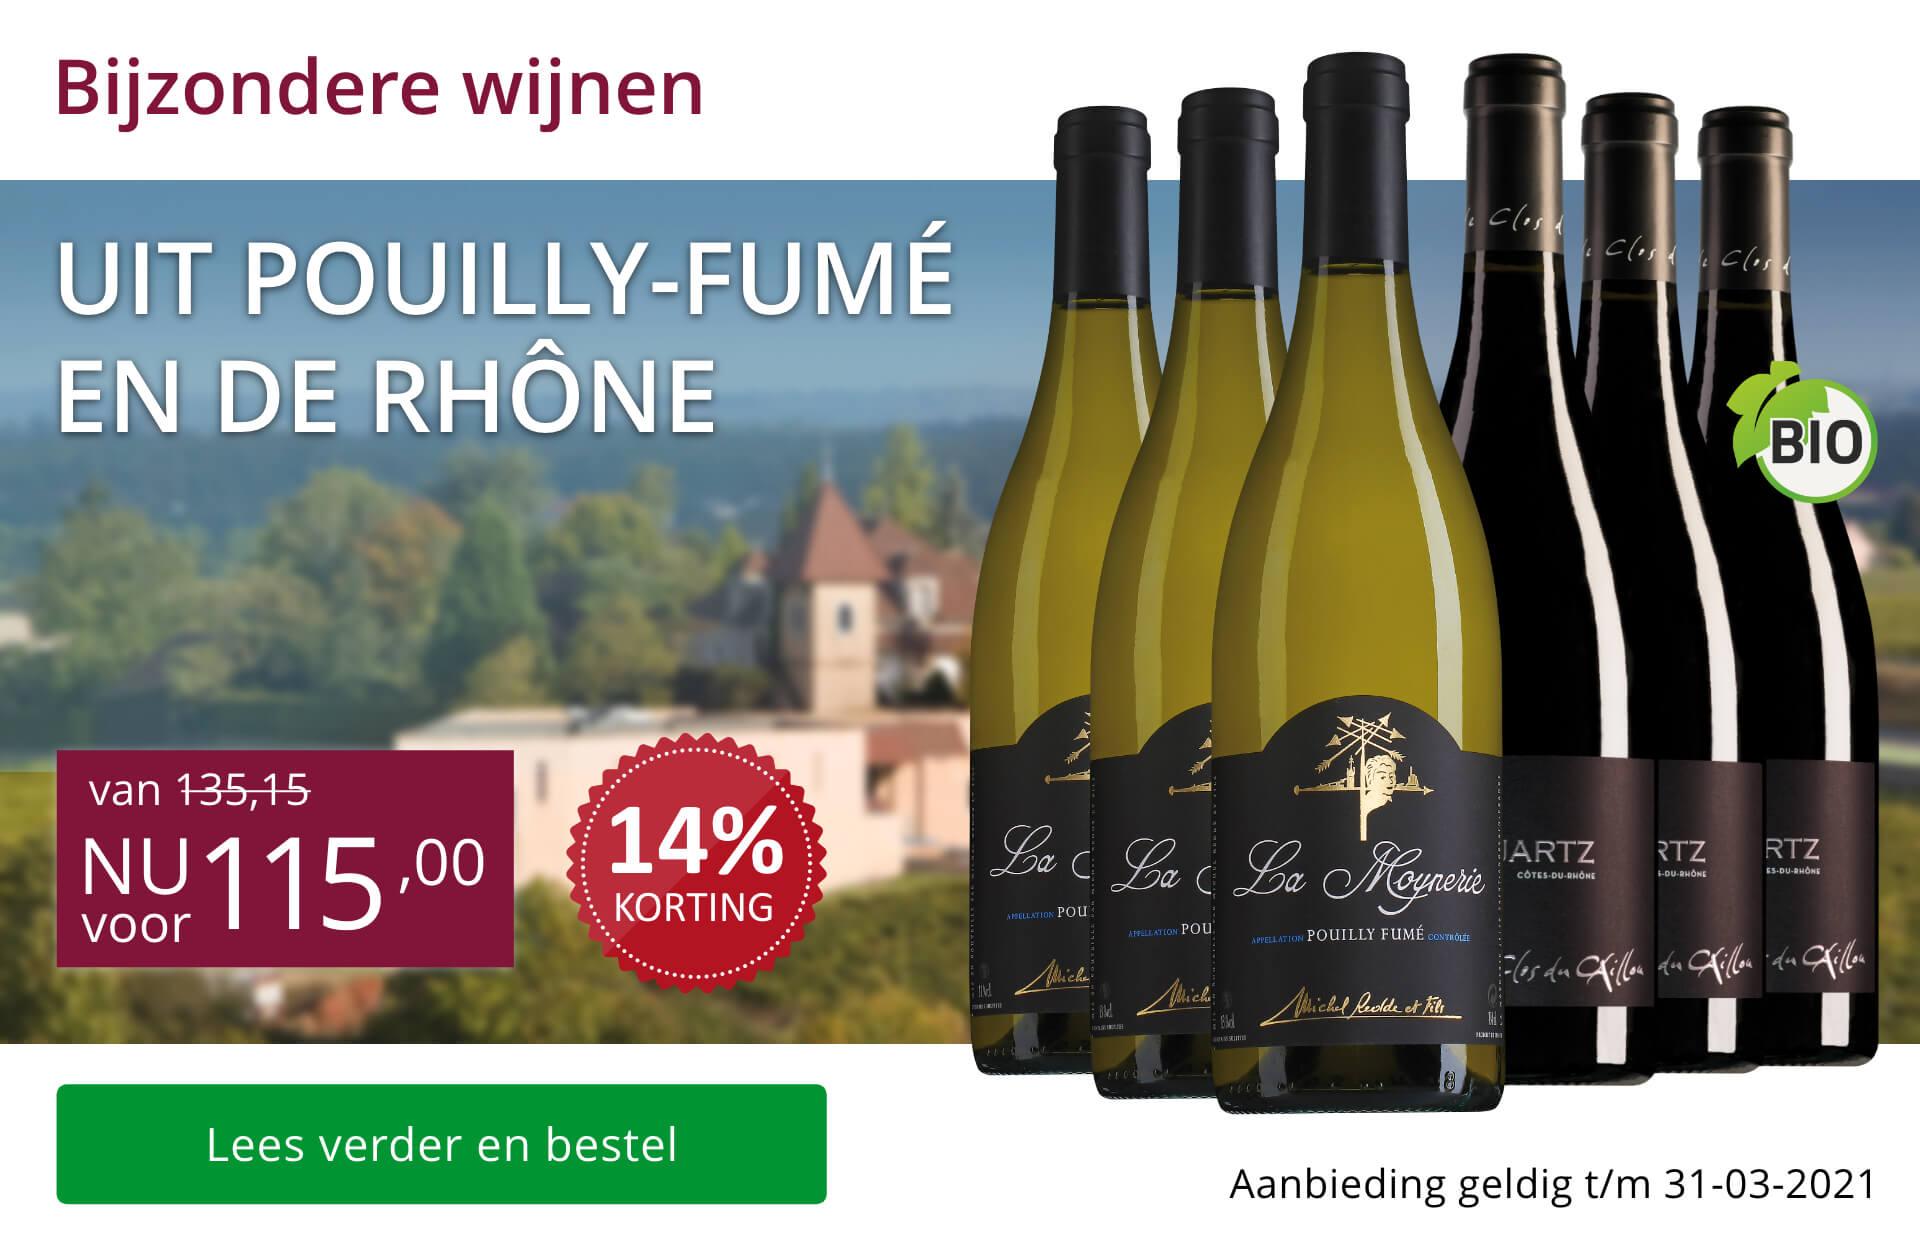 Wijnpakket bijzondere wijnen maart 2021 (115,00) - paars